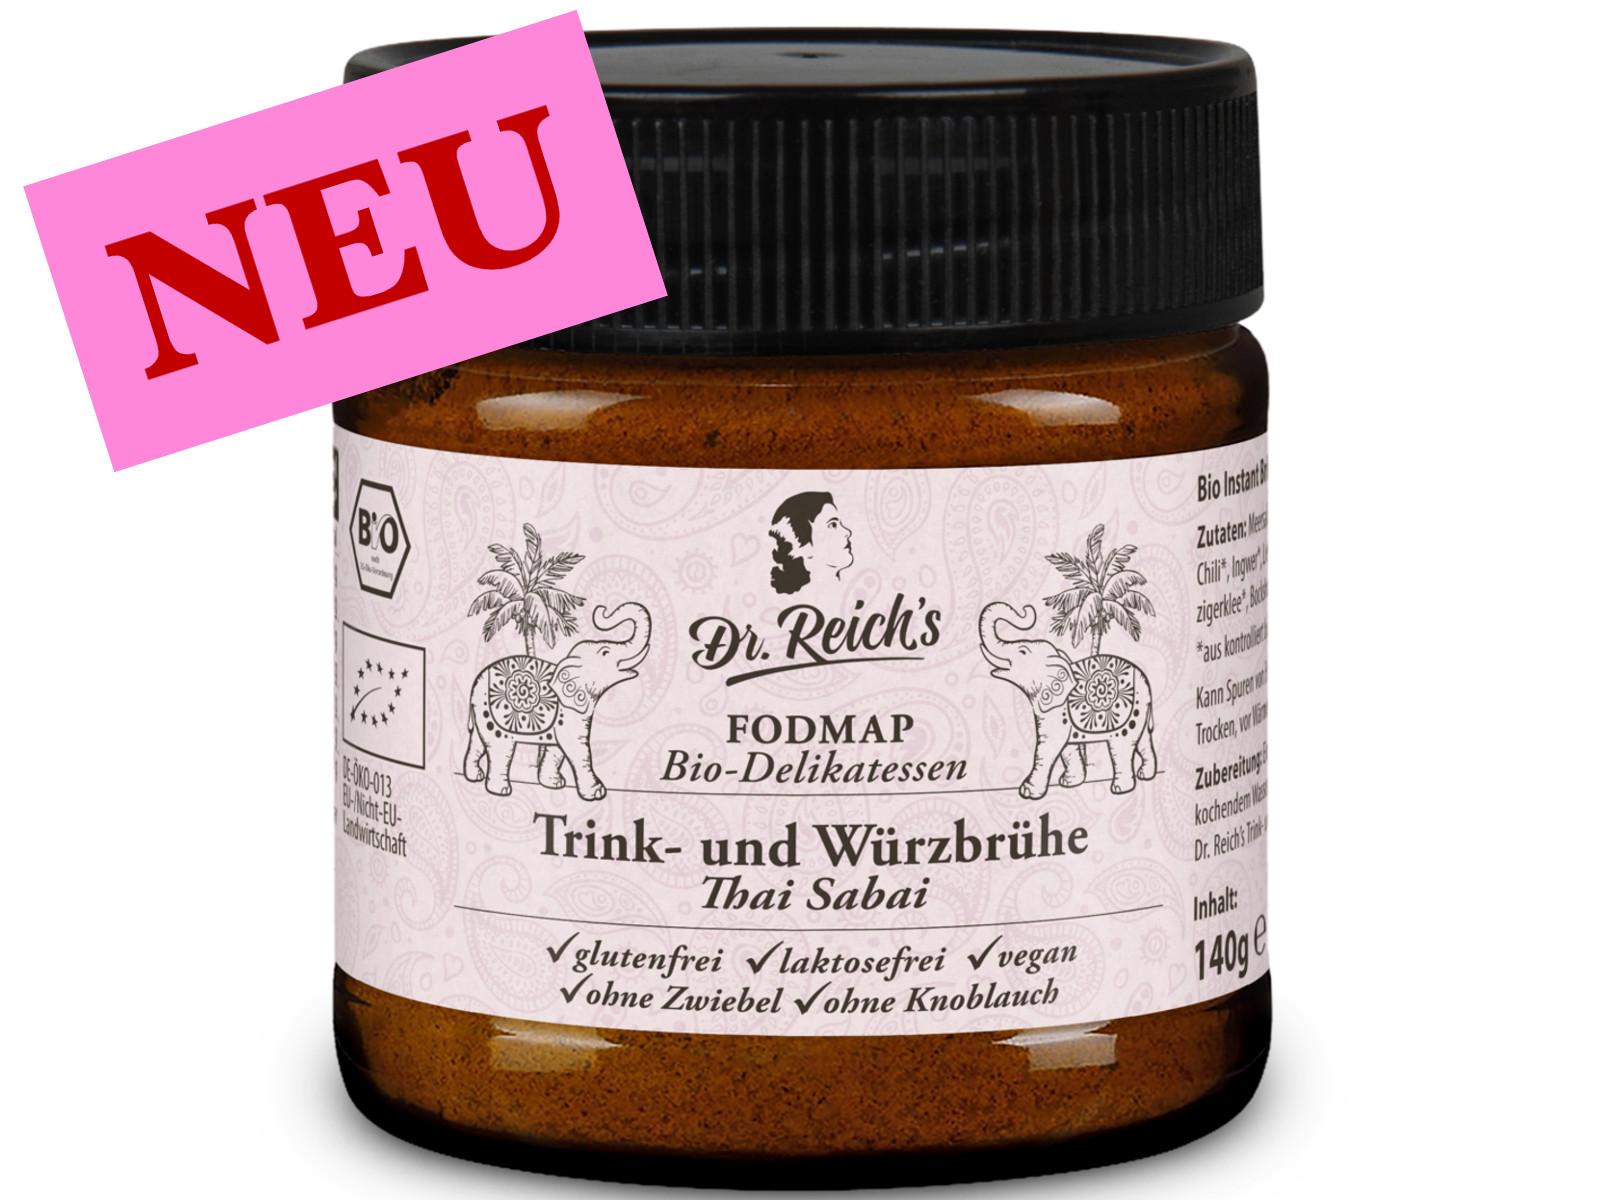 Dr Reichs vegane FREI VON Thai Sabai FODMAP Brühe